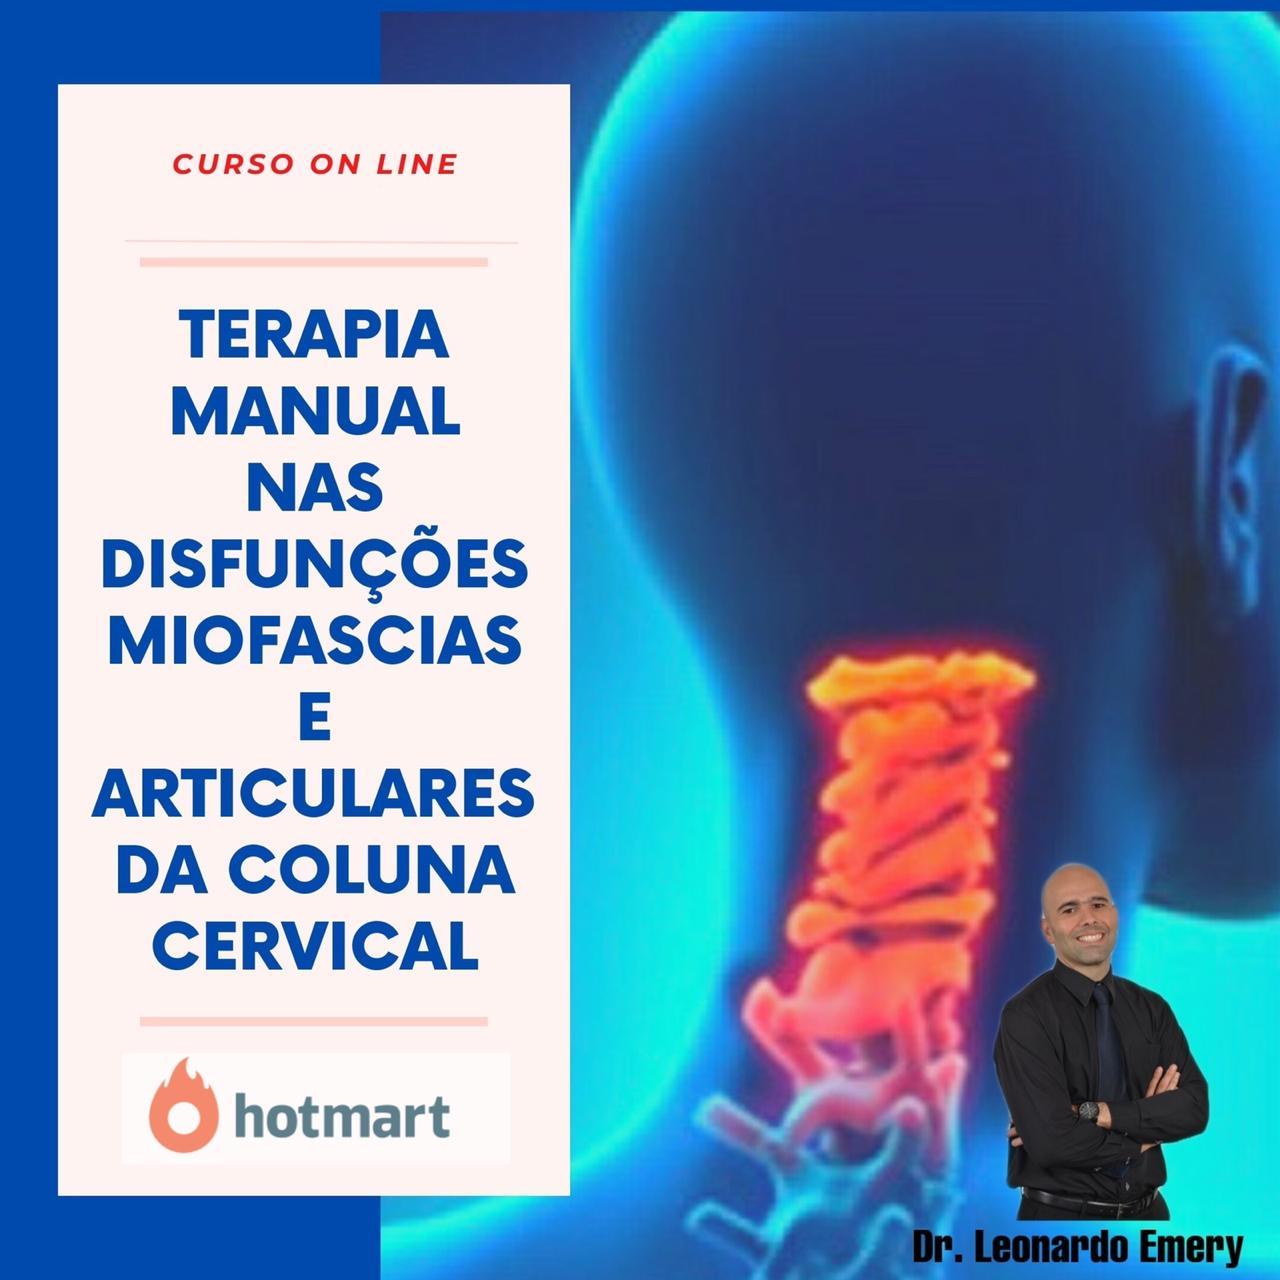 TERAPIA MANUAL NAS DISFUNÇÕES MIOFASCIAIS E ARTICULARES DA COLUNA CERVICAL